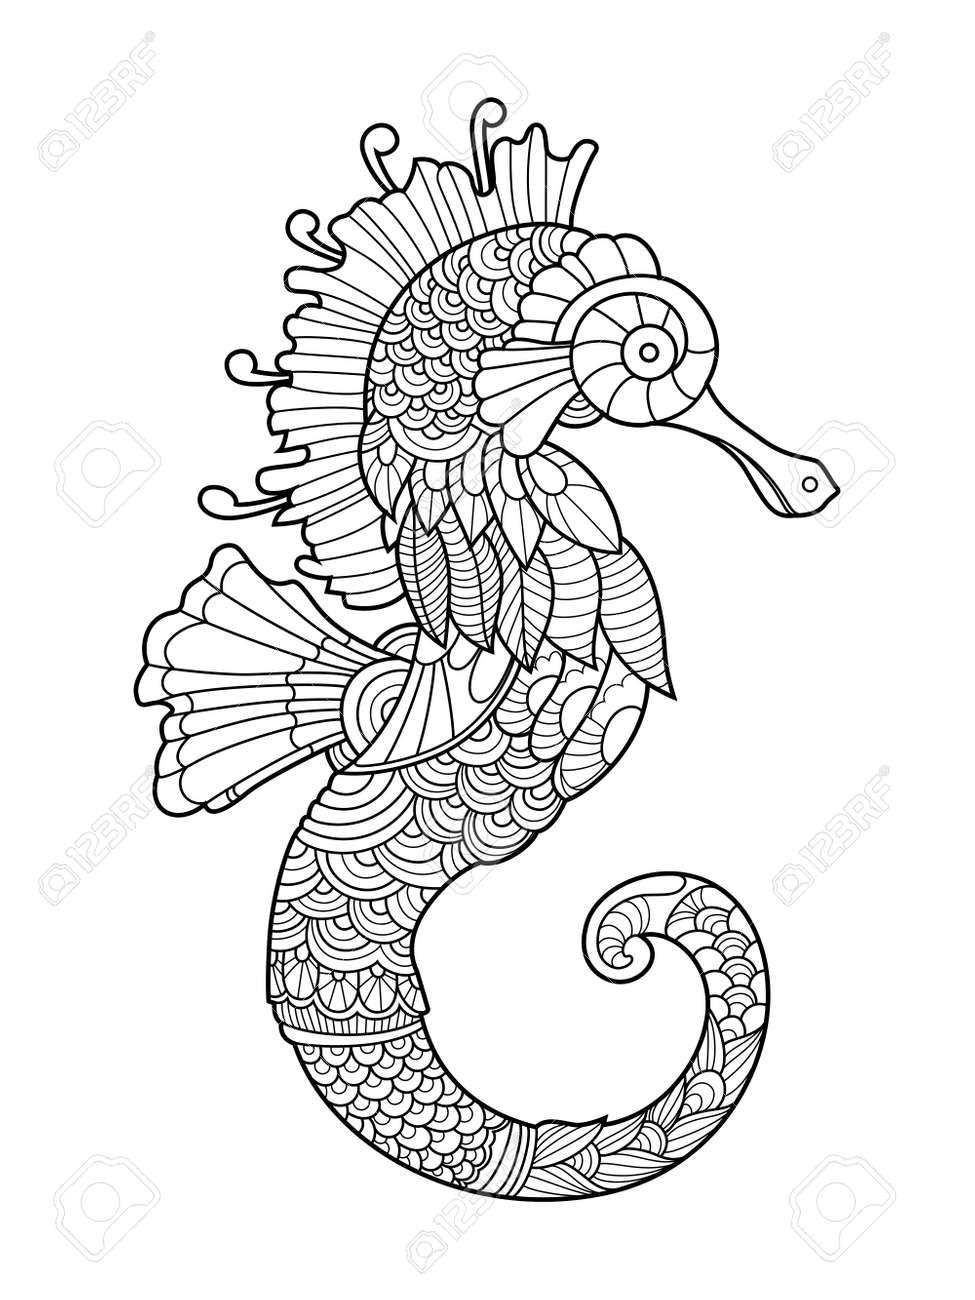 Caballito De Mar Para Colorear Para Los Adultos Ilustración ...